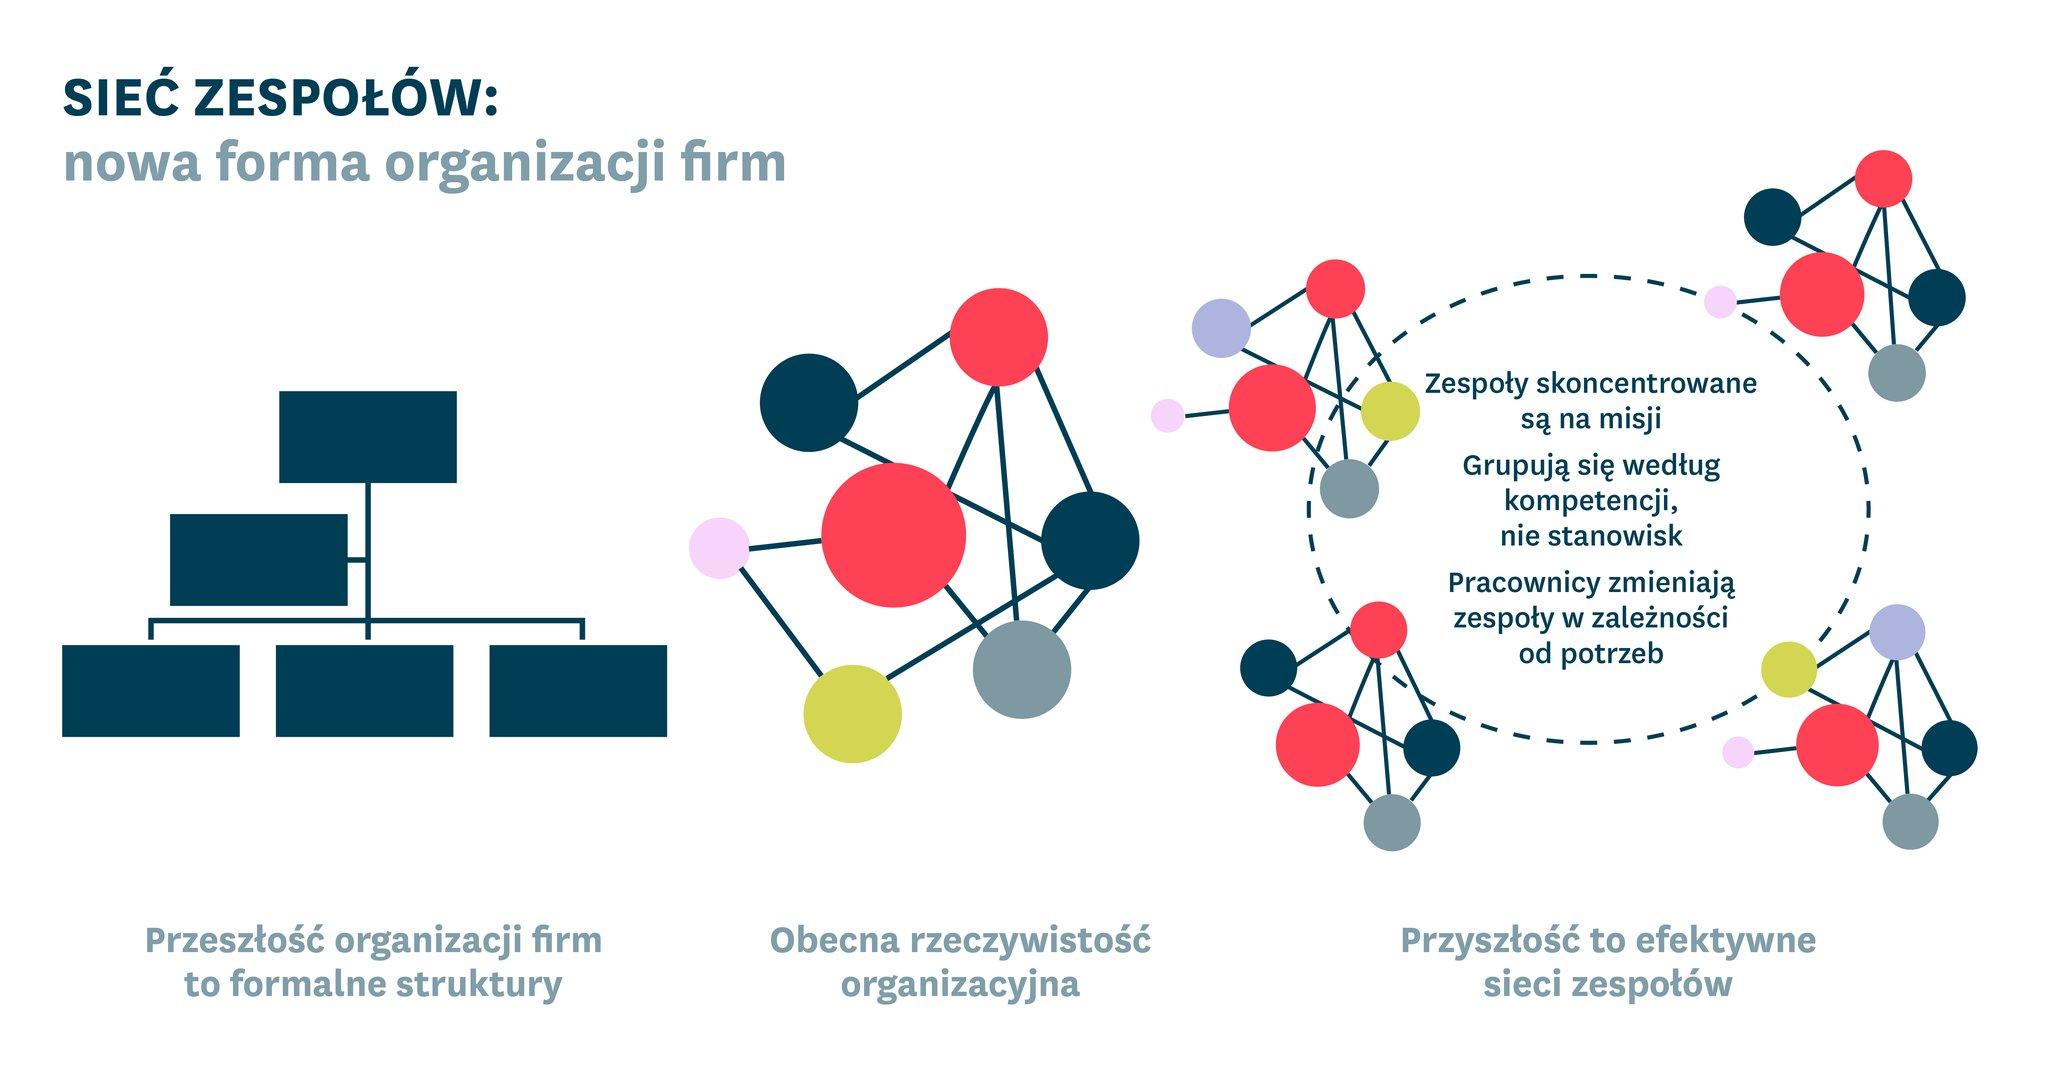 """Przyszłość to """"sieci zespołów"""". Czy twoja firma jest gotowa na organizacyjną rewolucję?"""